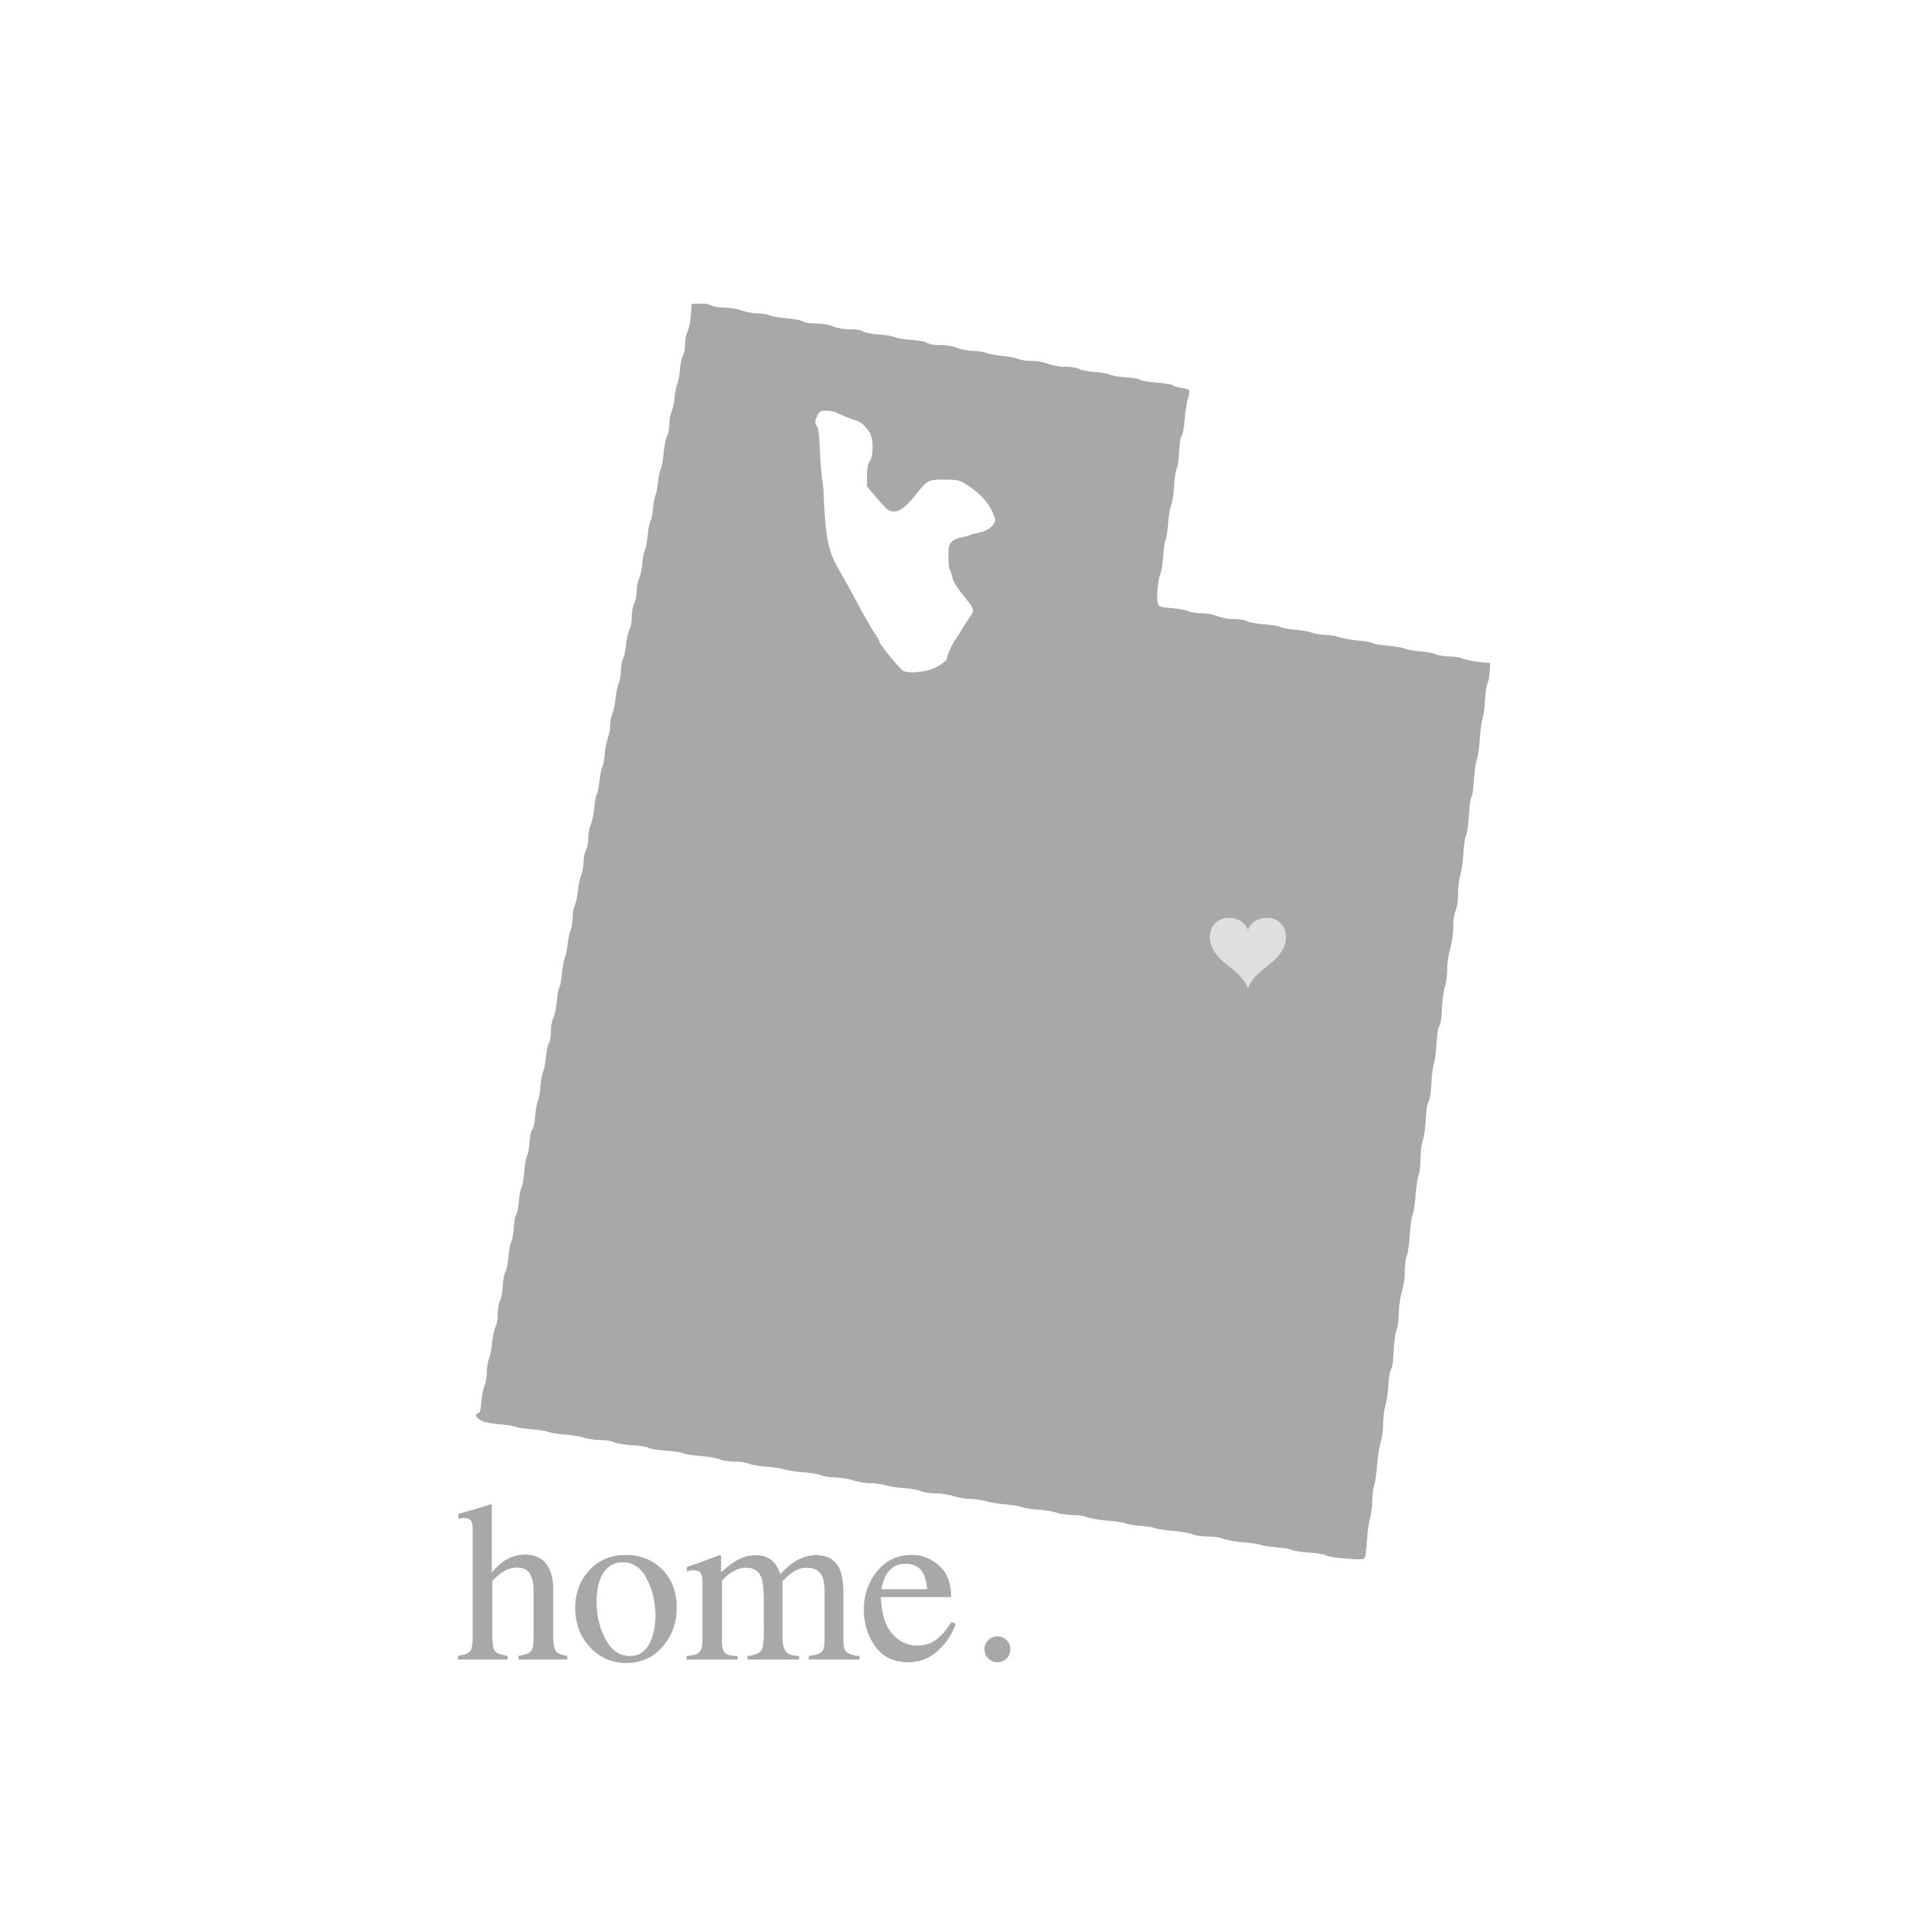 8430 Utah Home State